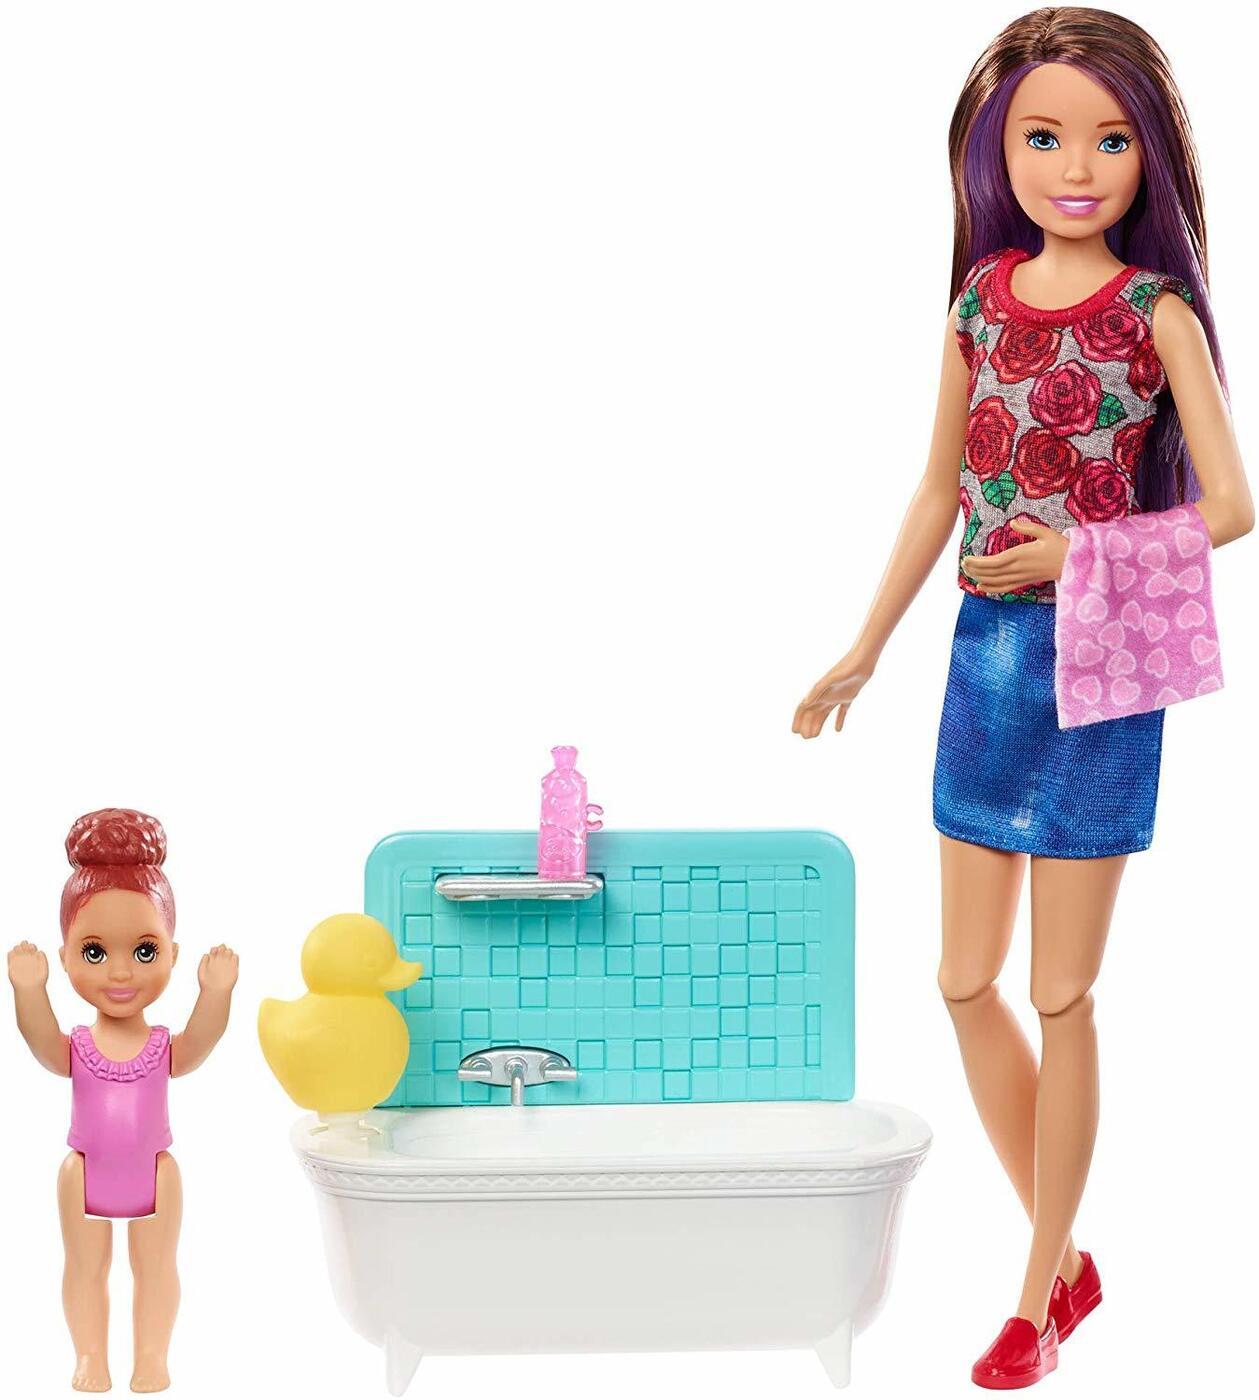 Барби с детьми картинки